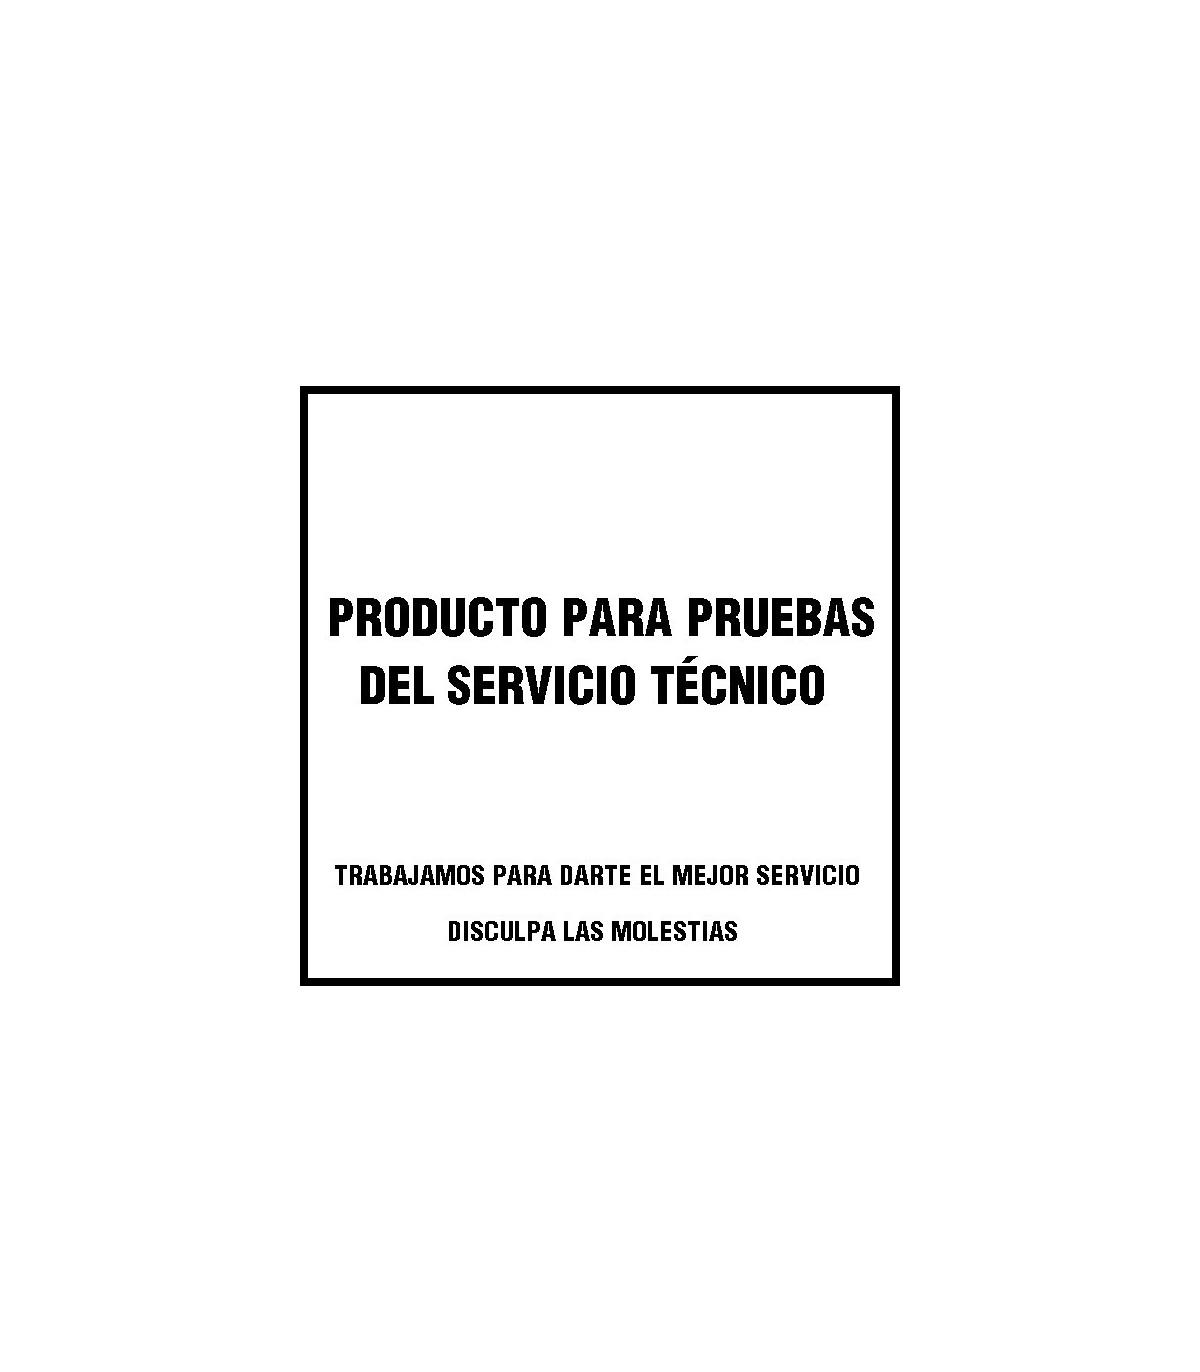 Producto servicio técnico